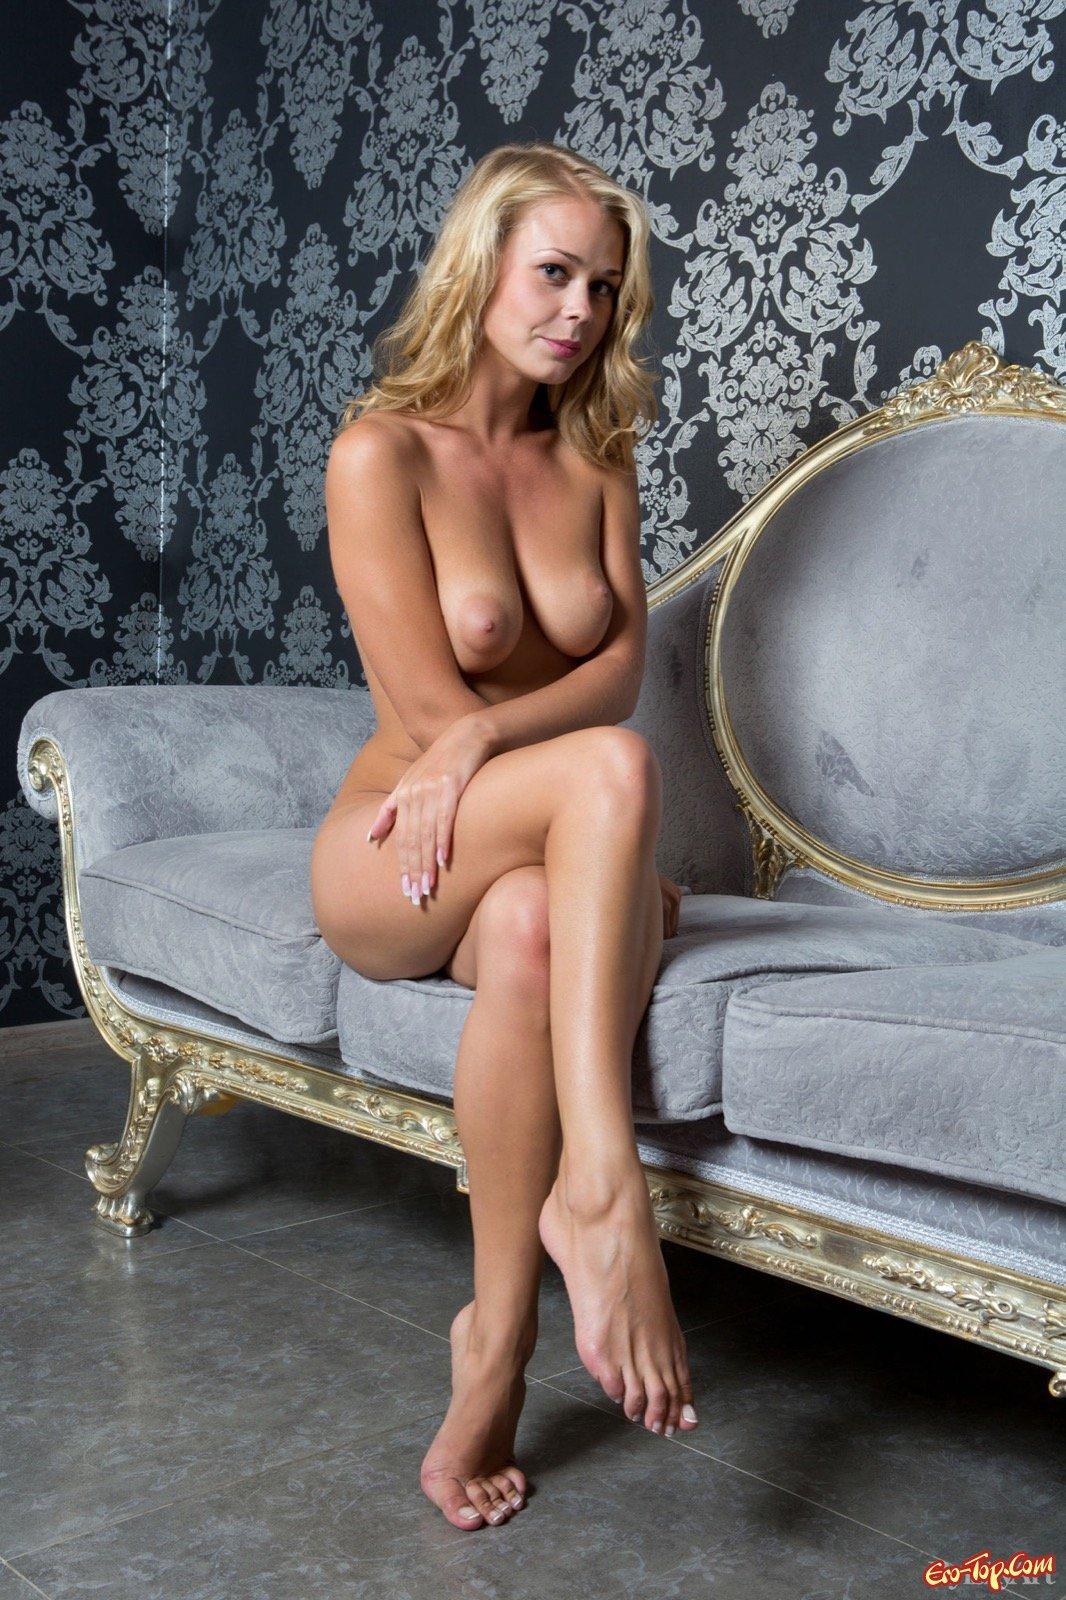 Молоденькая голая блондинка с натуральными сиськами